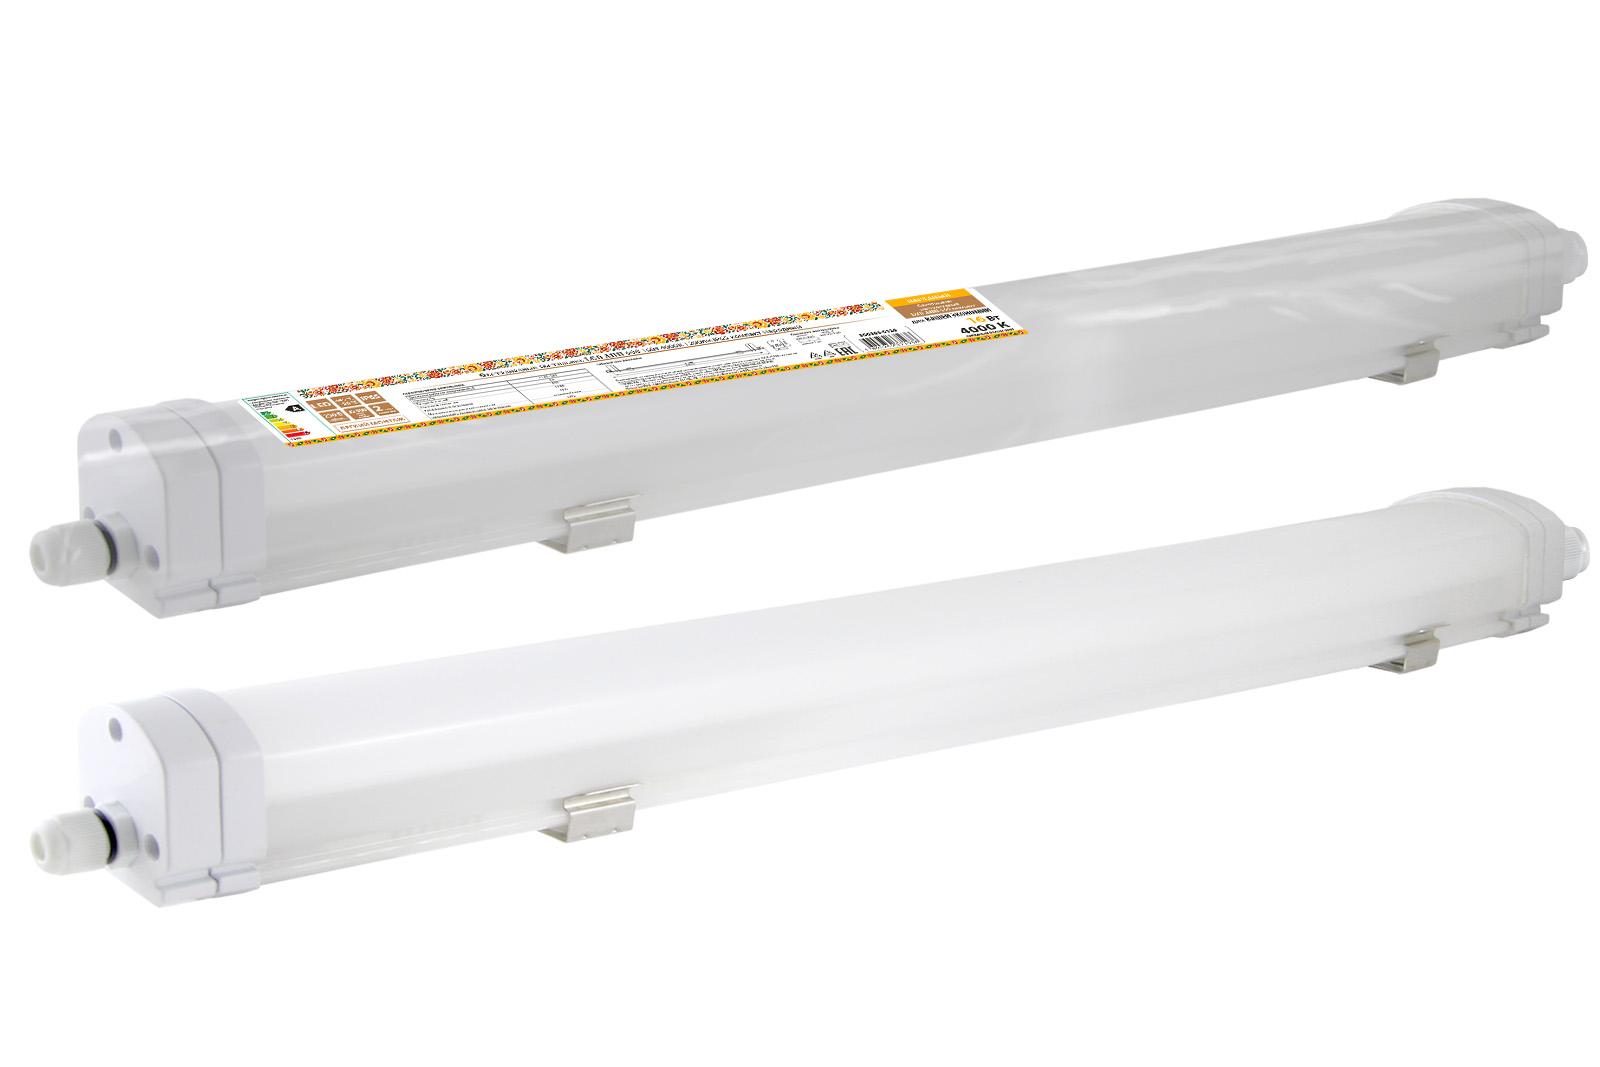 Фото Светодиодный светильник LED ДПП 600 16Вт 4000К 1200лм IP65 компакт  Народный {SQ0366-0126}